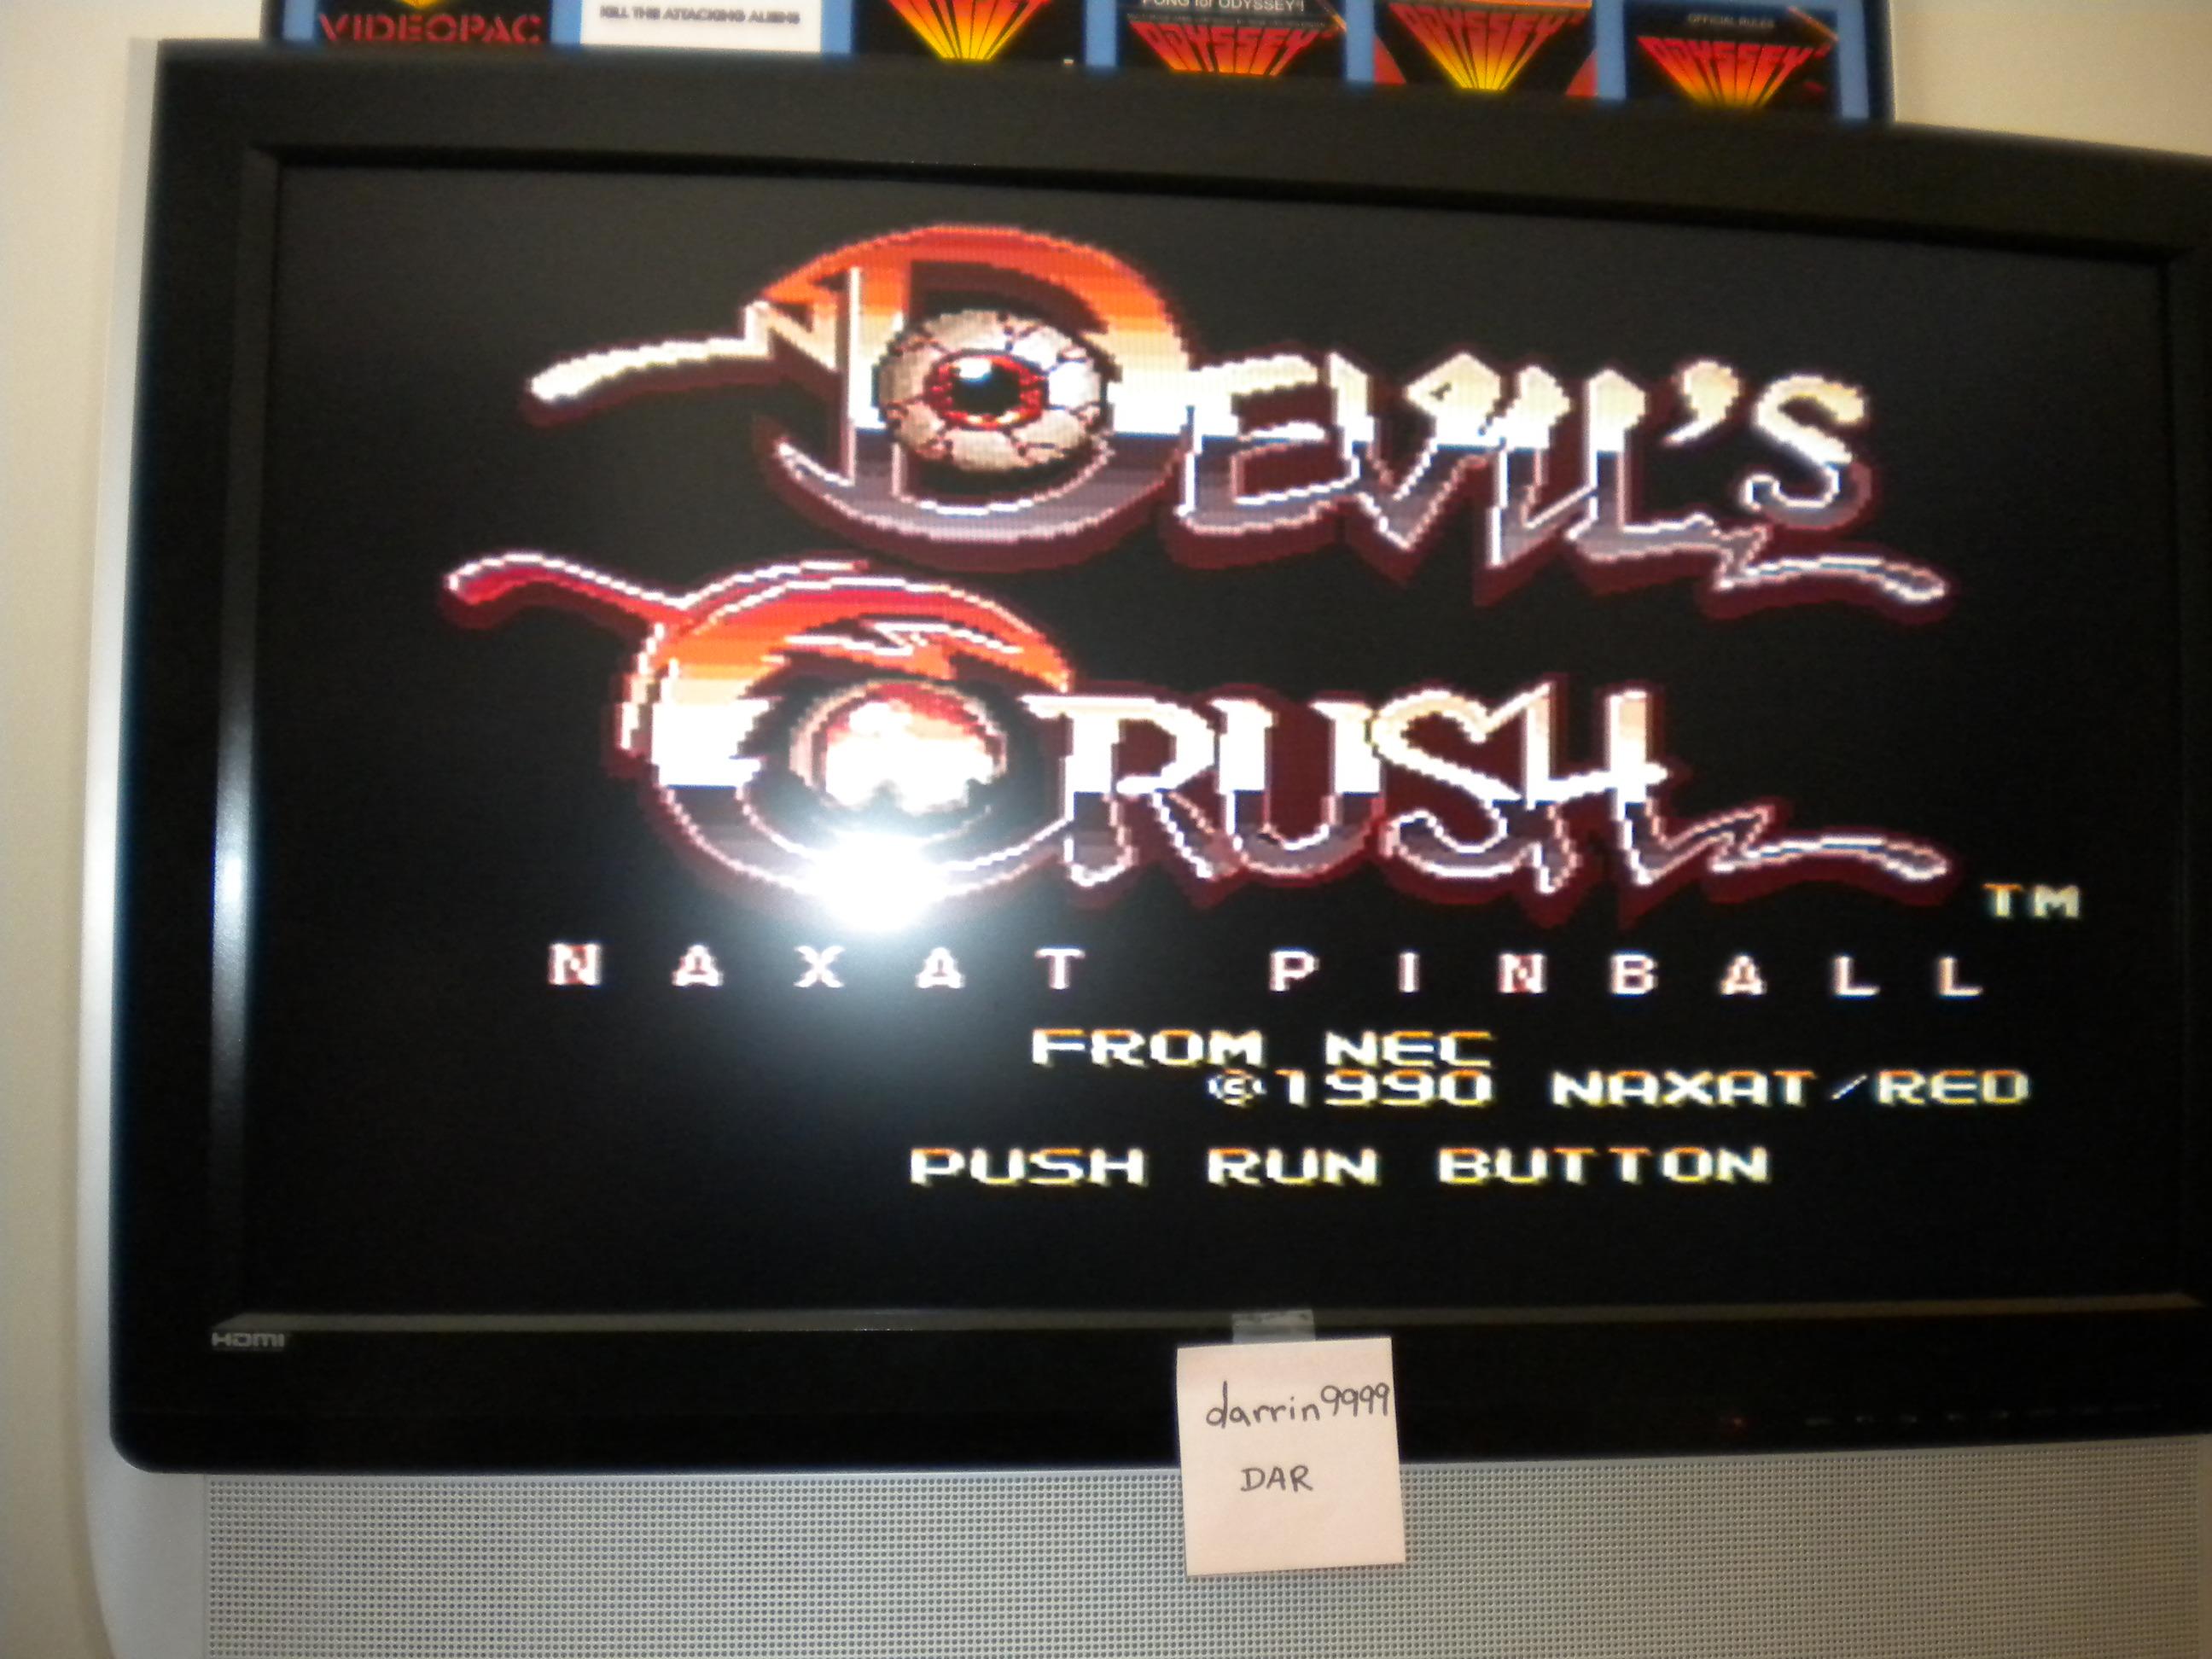 darrin9999: Devil